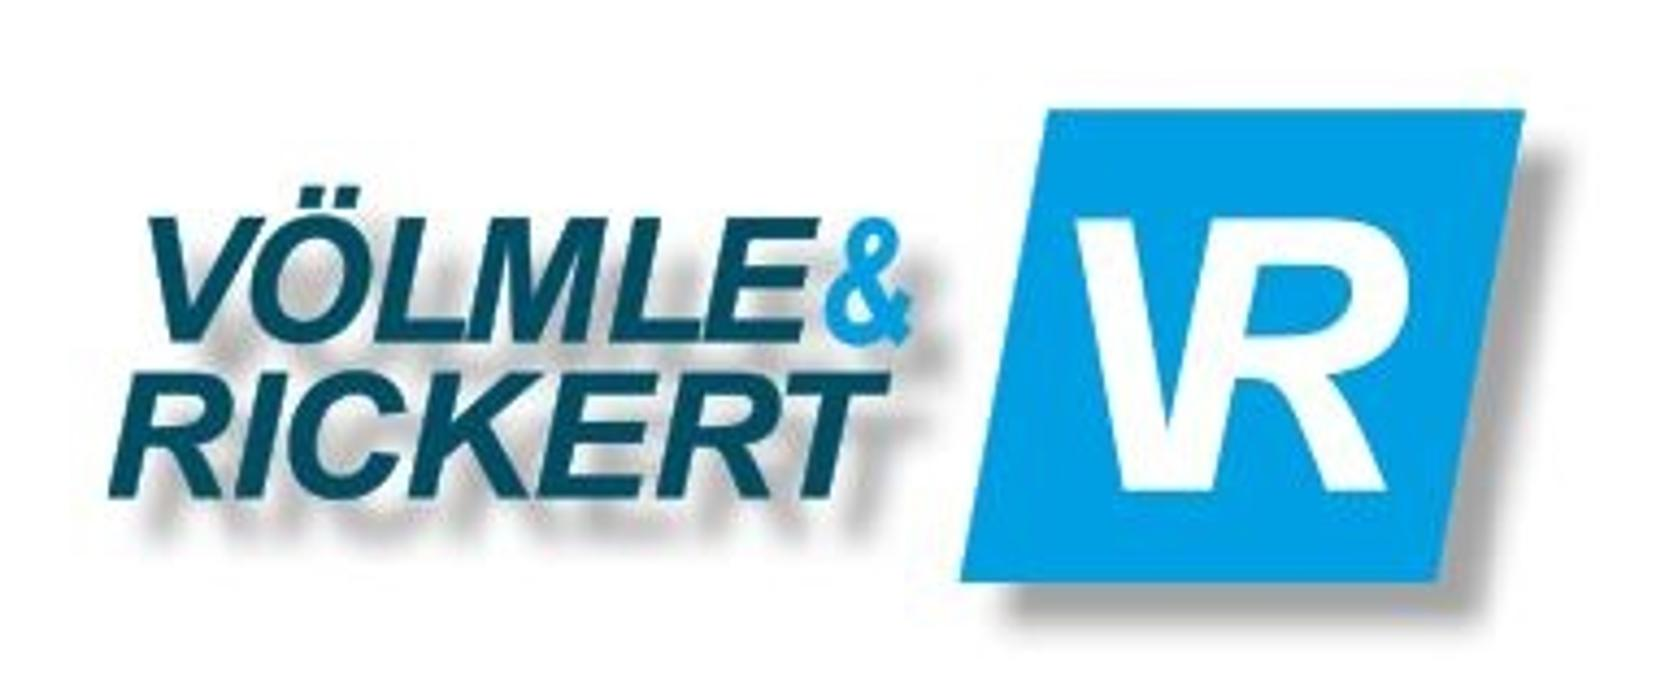 Bild zu VÖLMLE & RICKERT GmbH & Co. KG in Ostfildern